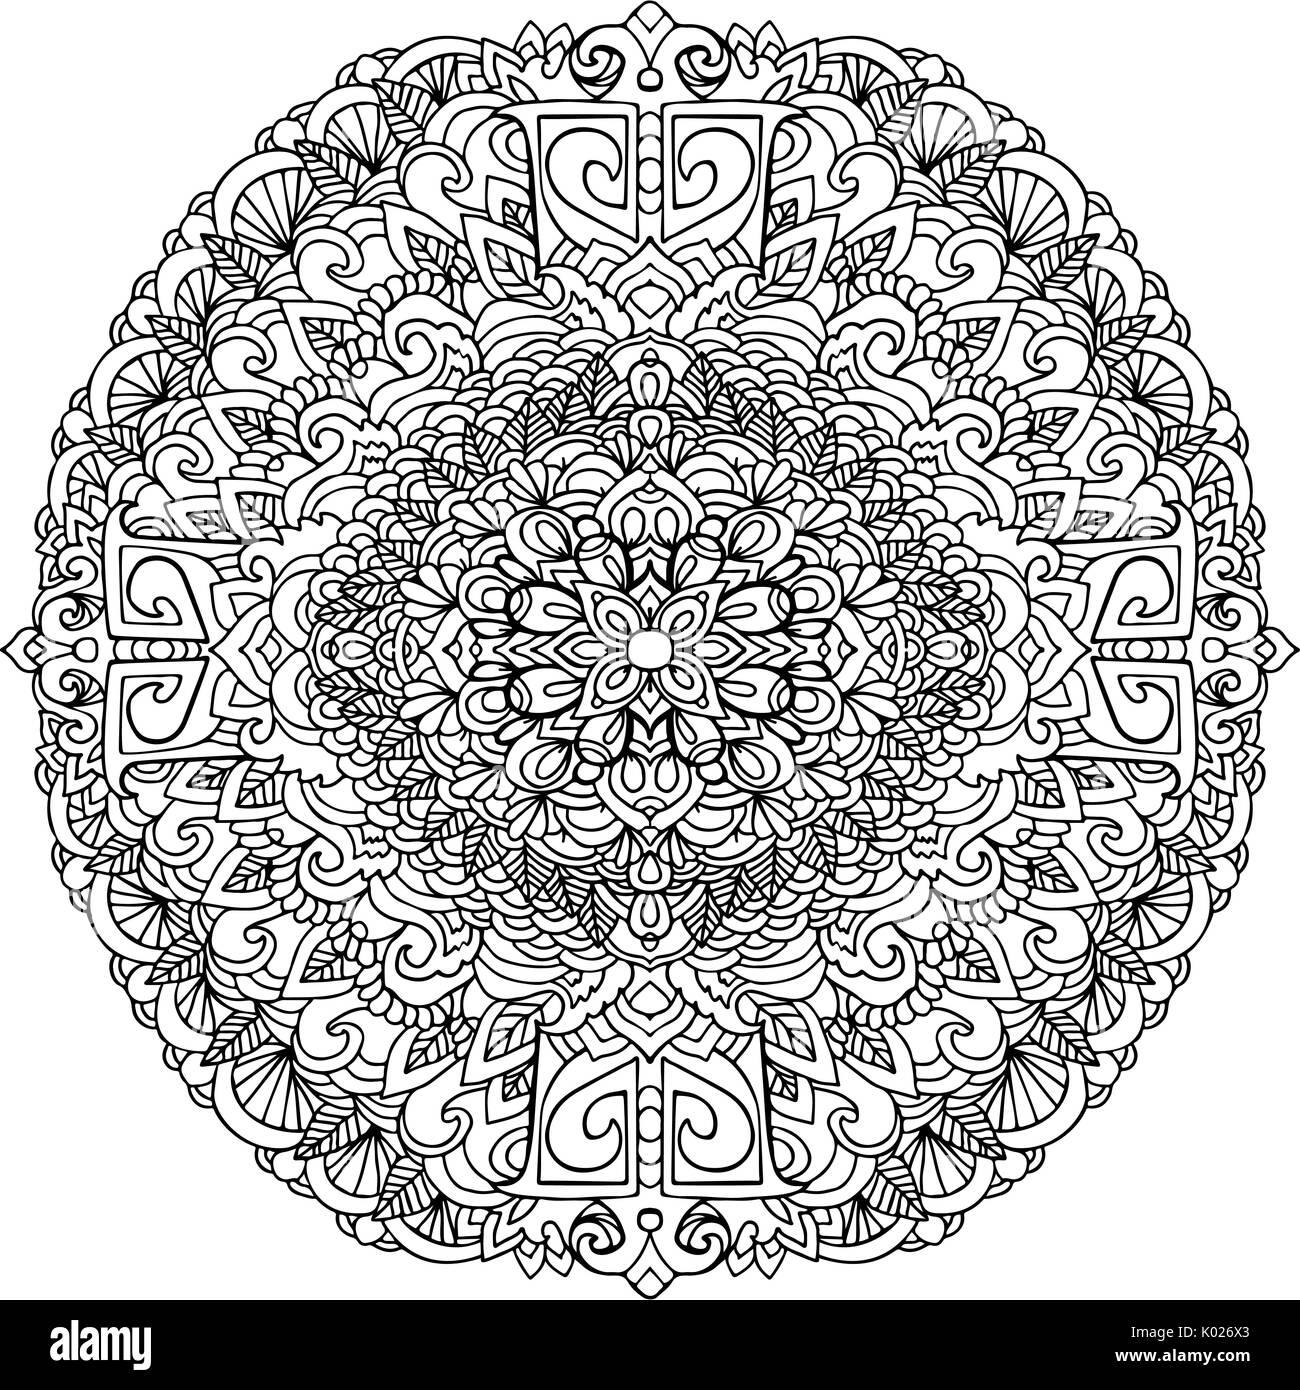 Abstract Mandala Ornamento Per Adulti Libri Da Colorare Modello